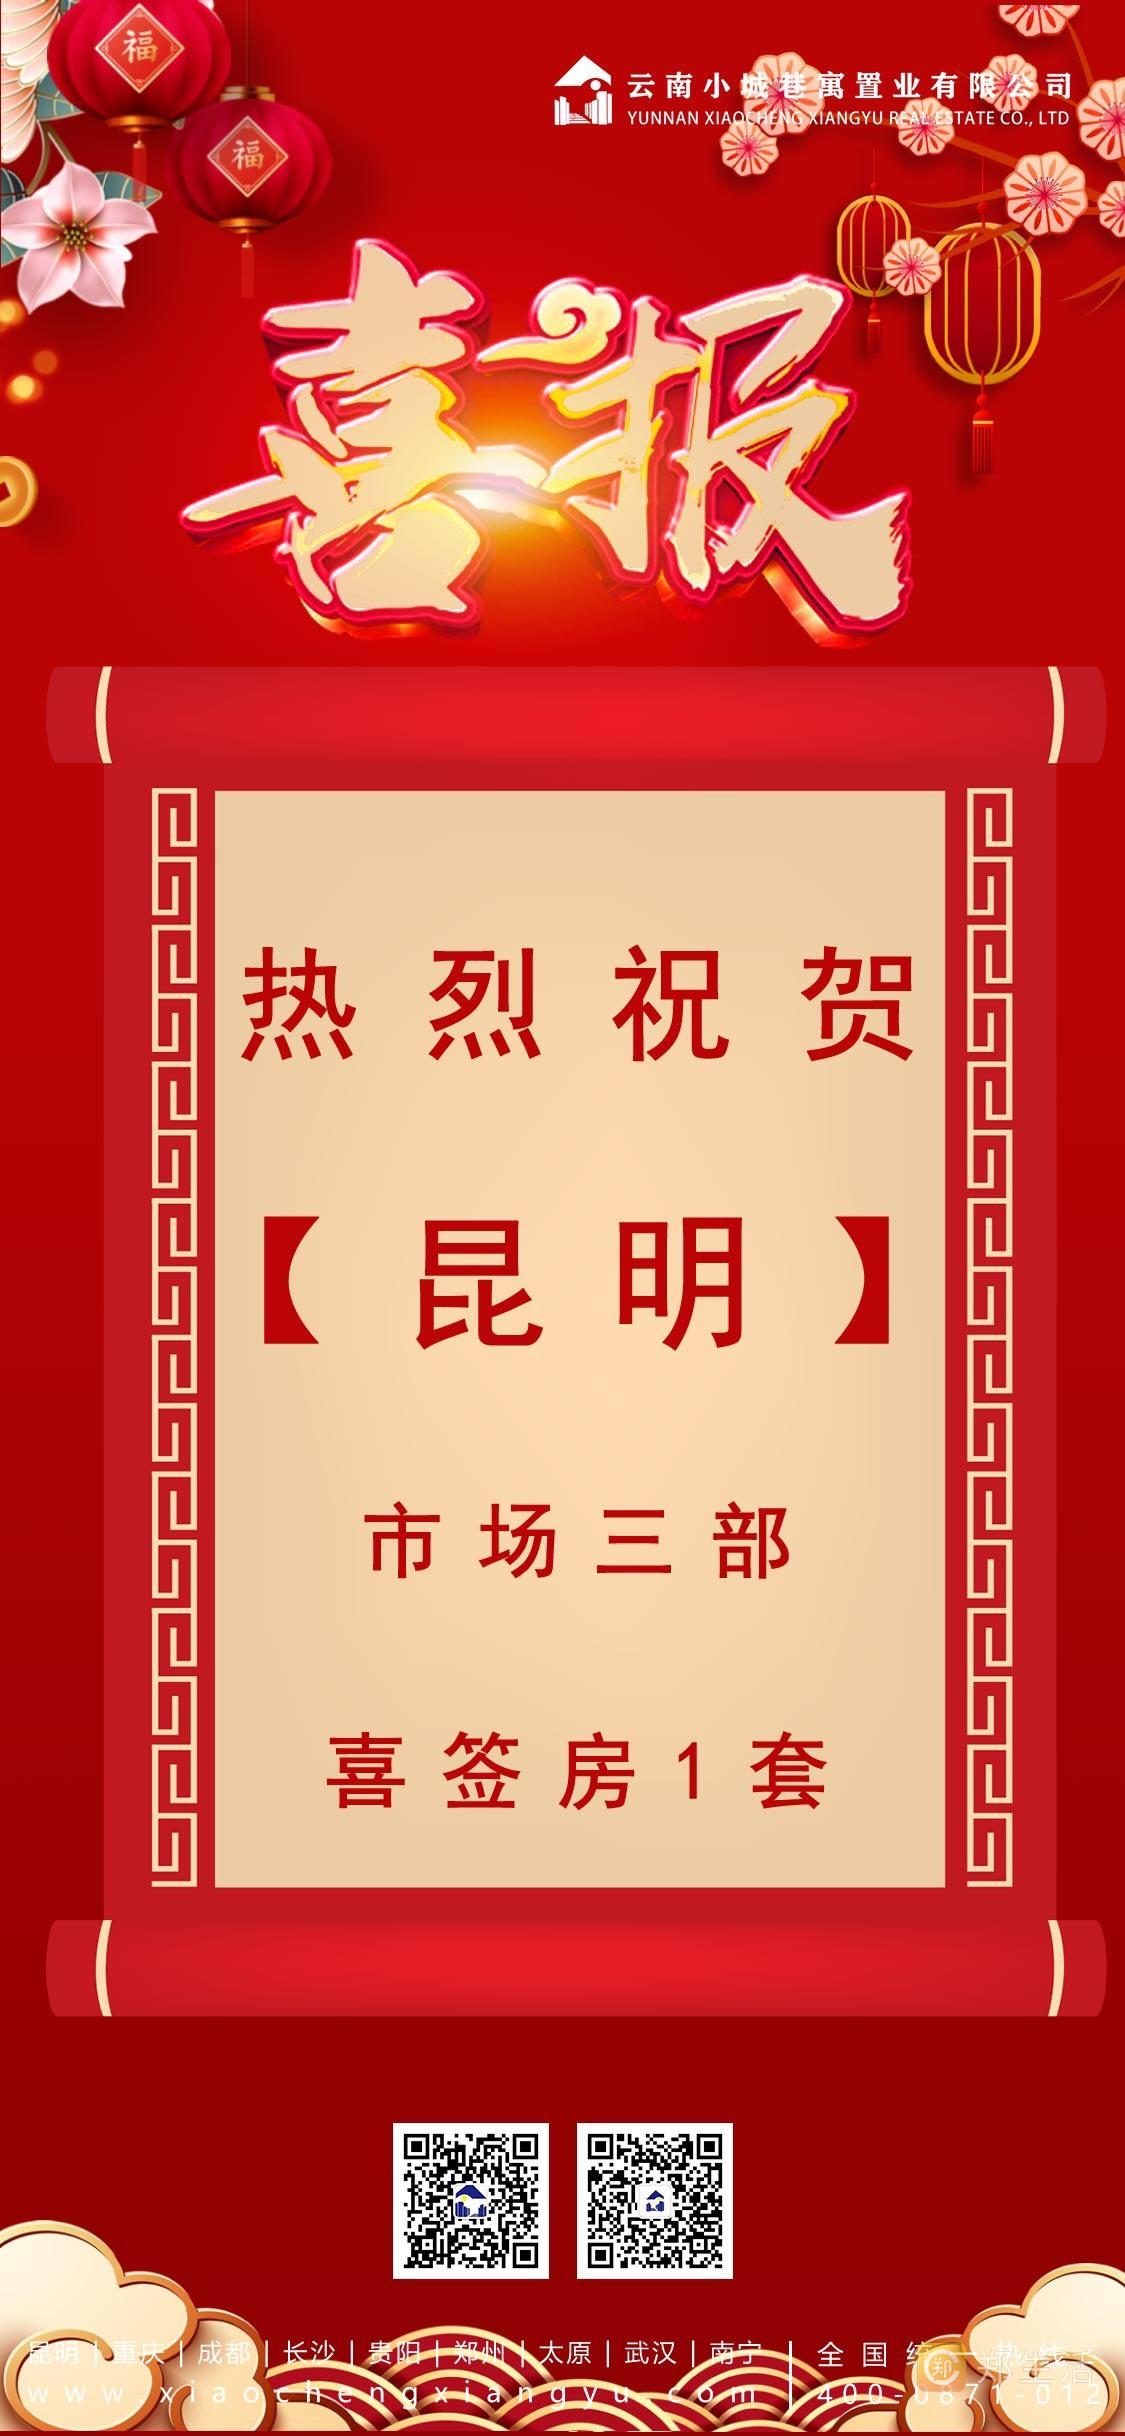 房屋信息-高价求租毛坯房(2)